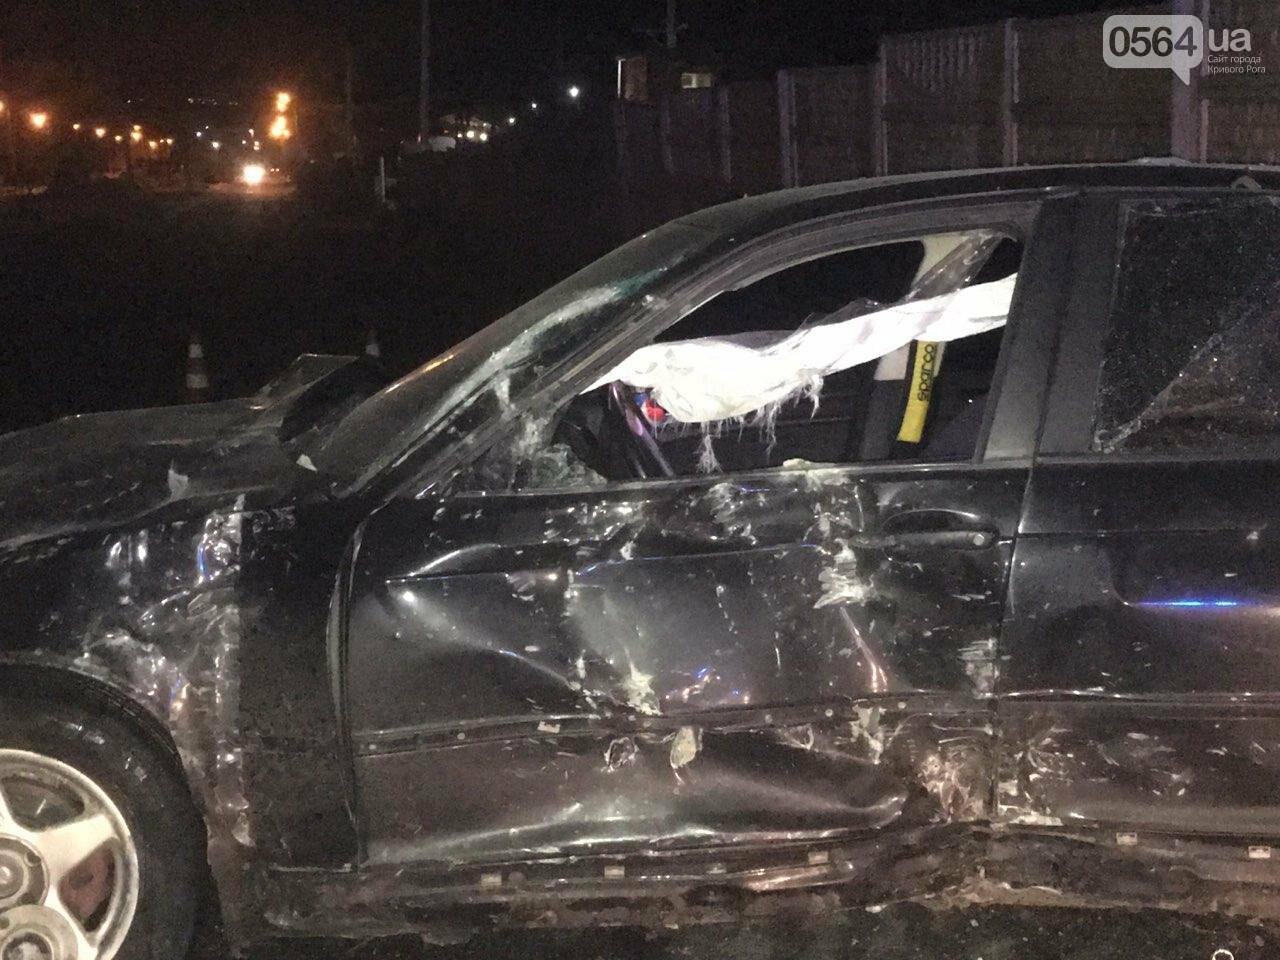 """В Кривом Роге """"BMW"""" снес забор стоянки: повреждено около 10 машин, есть пострадавший, - ФОТО , фото-21"""